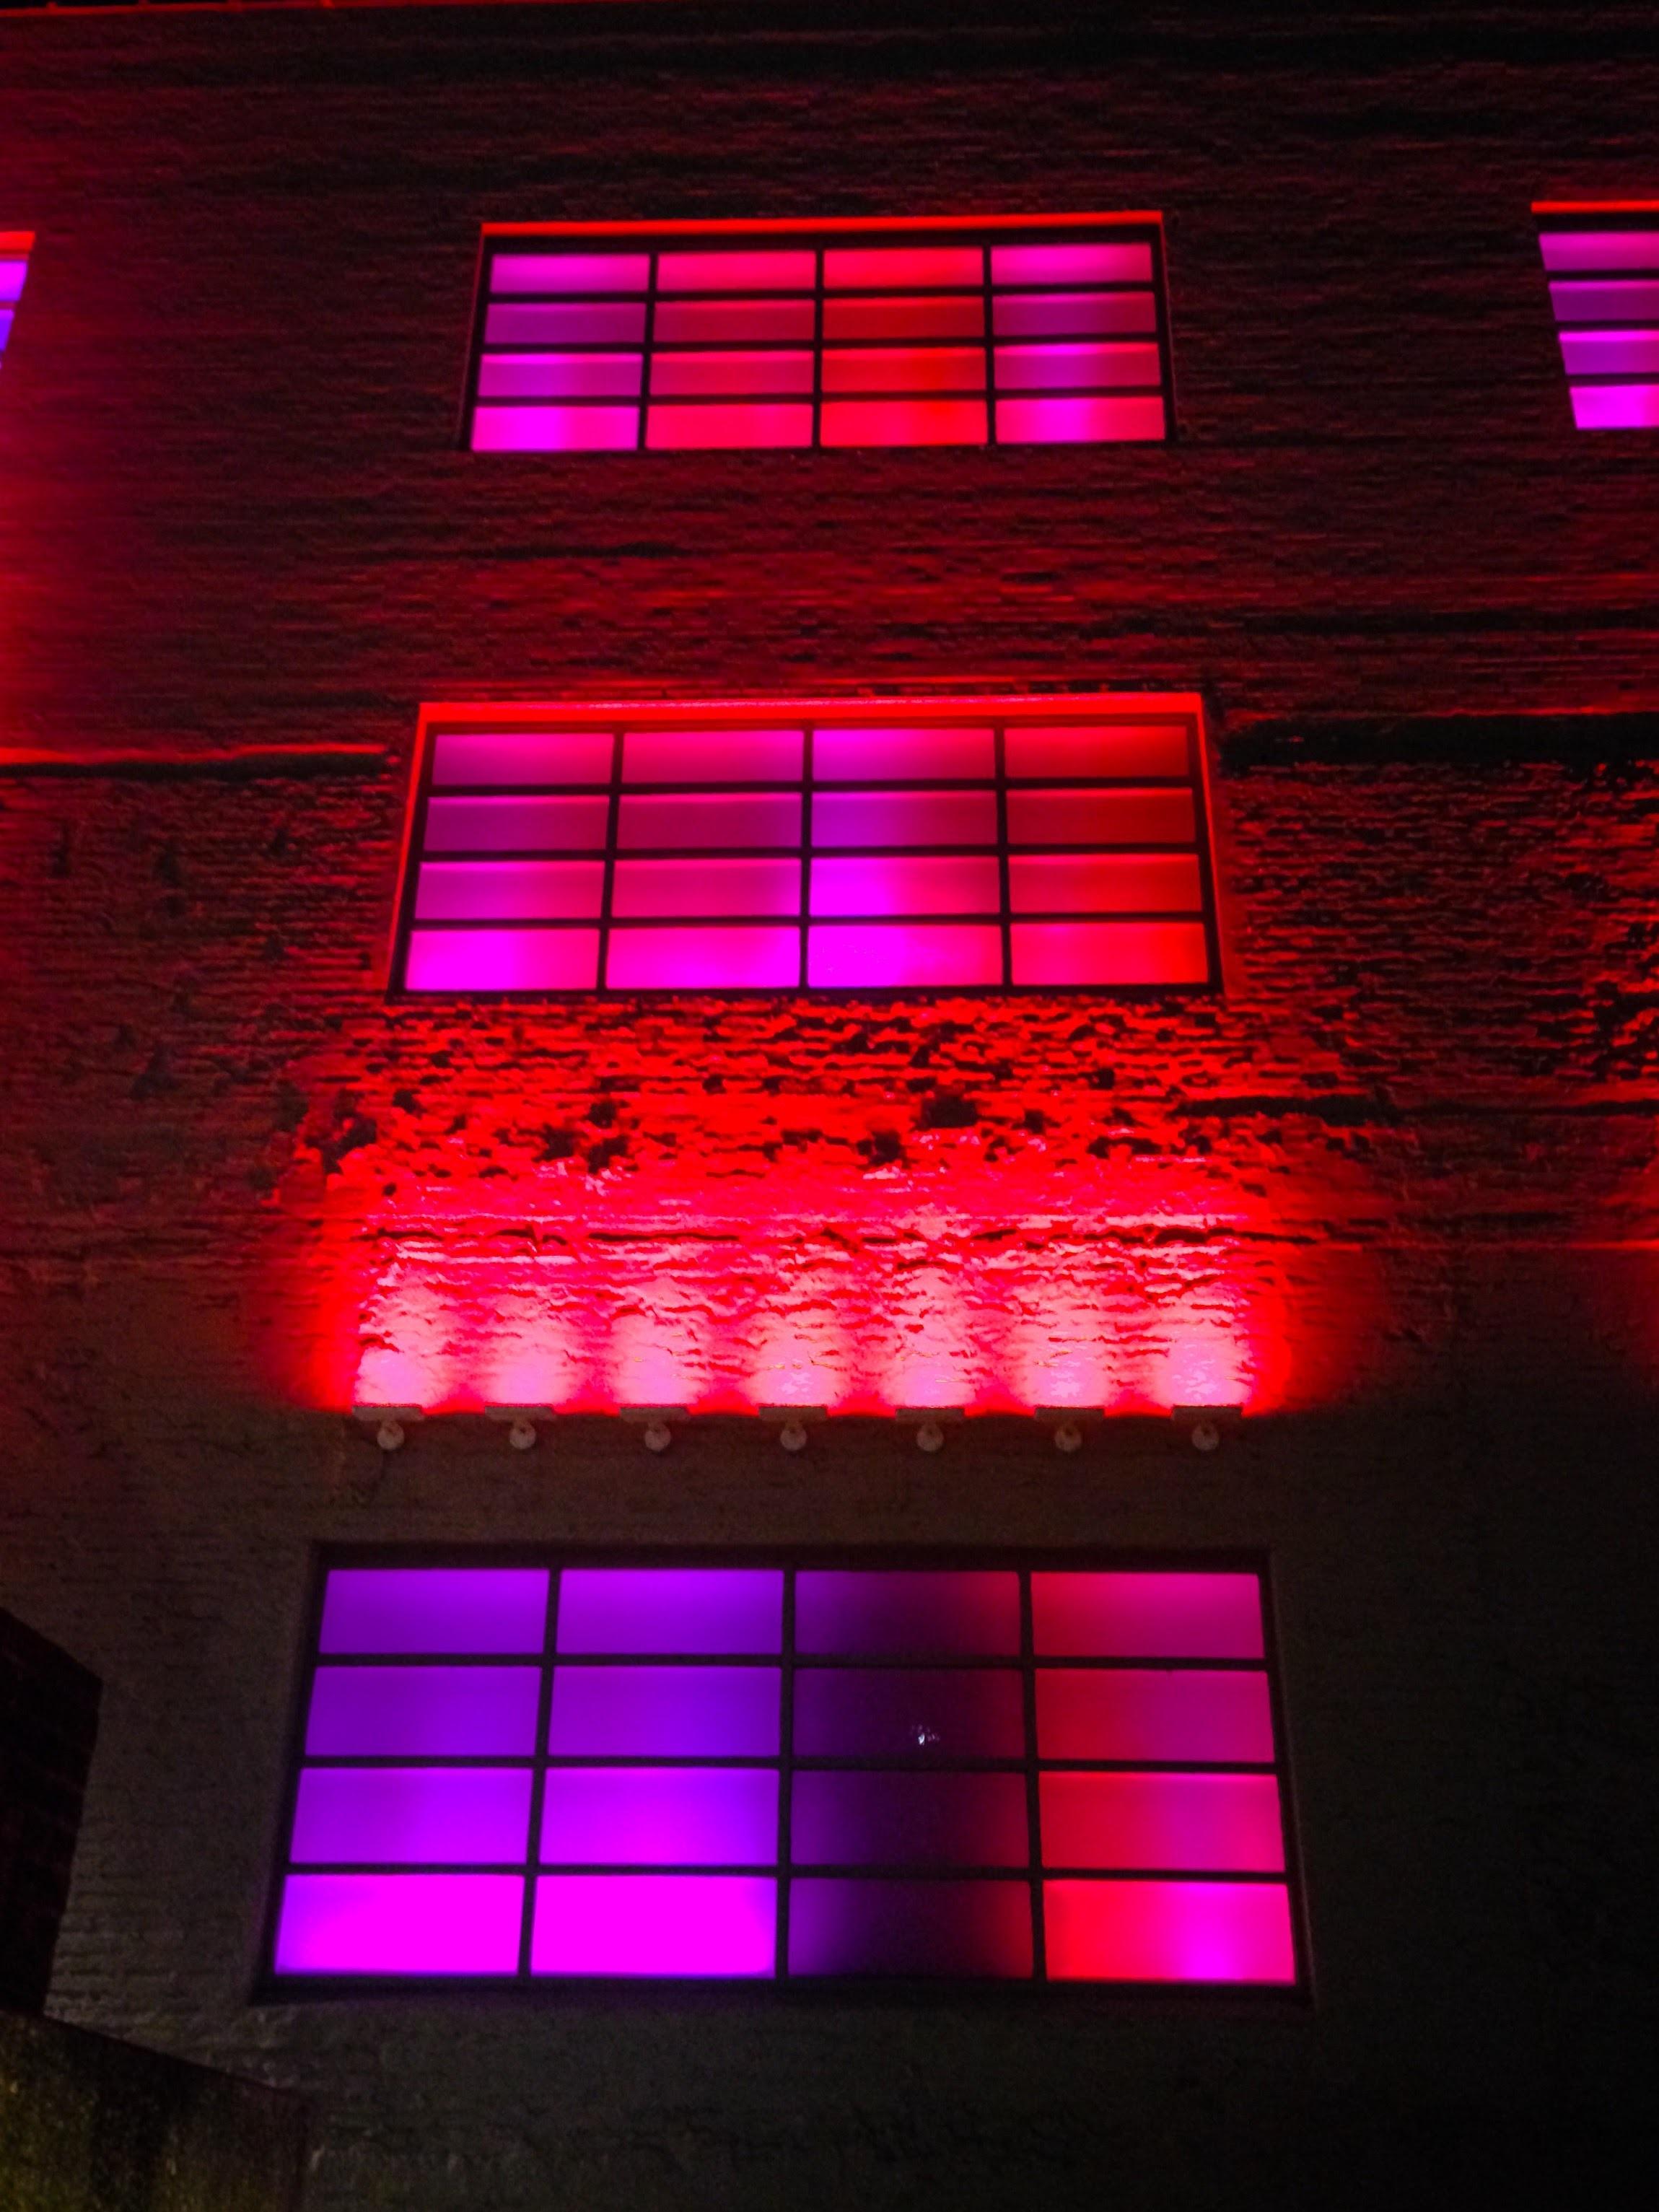 무료 이미지 빛 건축물 밤 창문 번호 건물 시티 도시의 벽 빨간 색깔 조명 네온